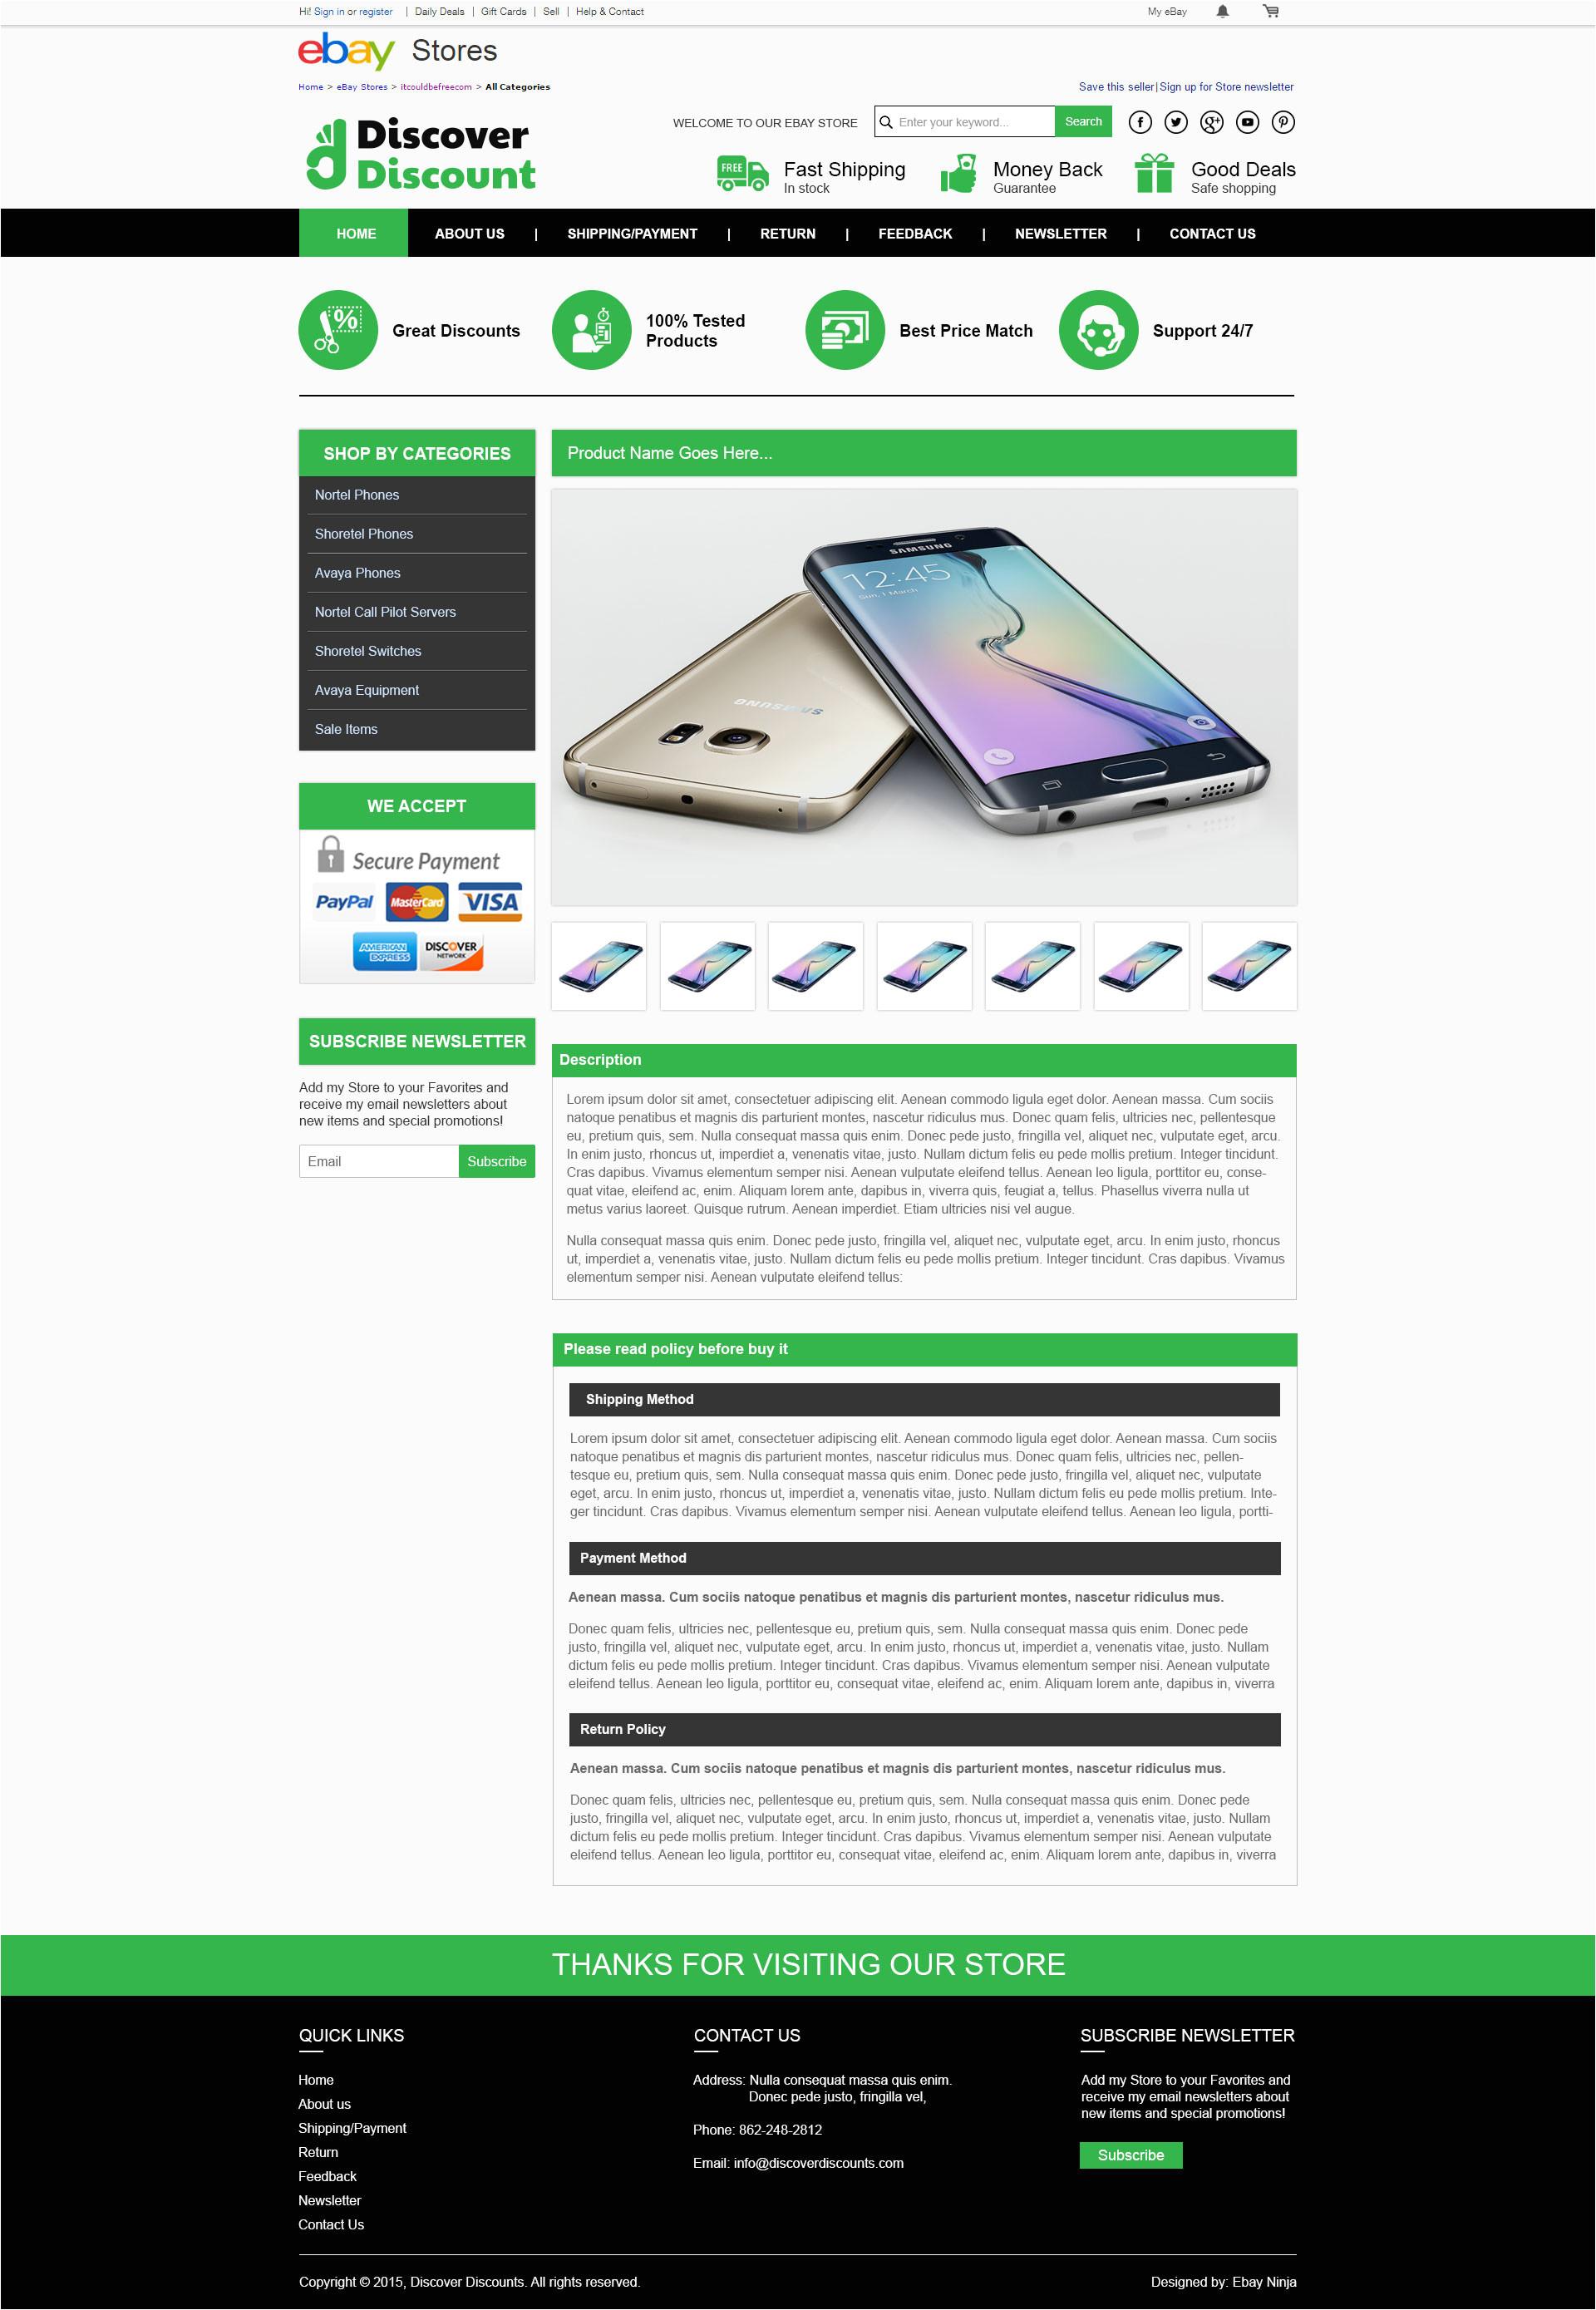 Ebay Template Design software Ebay Shop Listing Template Design for Discoverdiscount Com